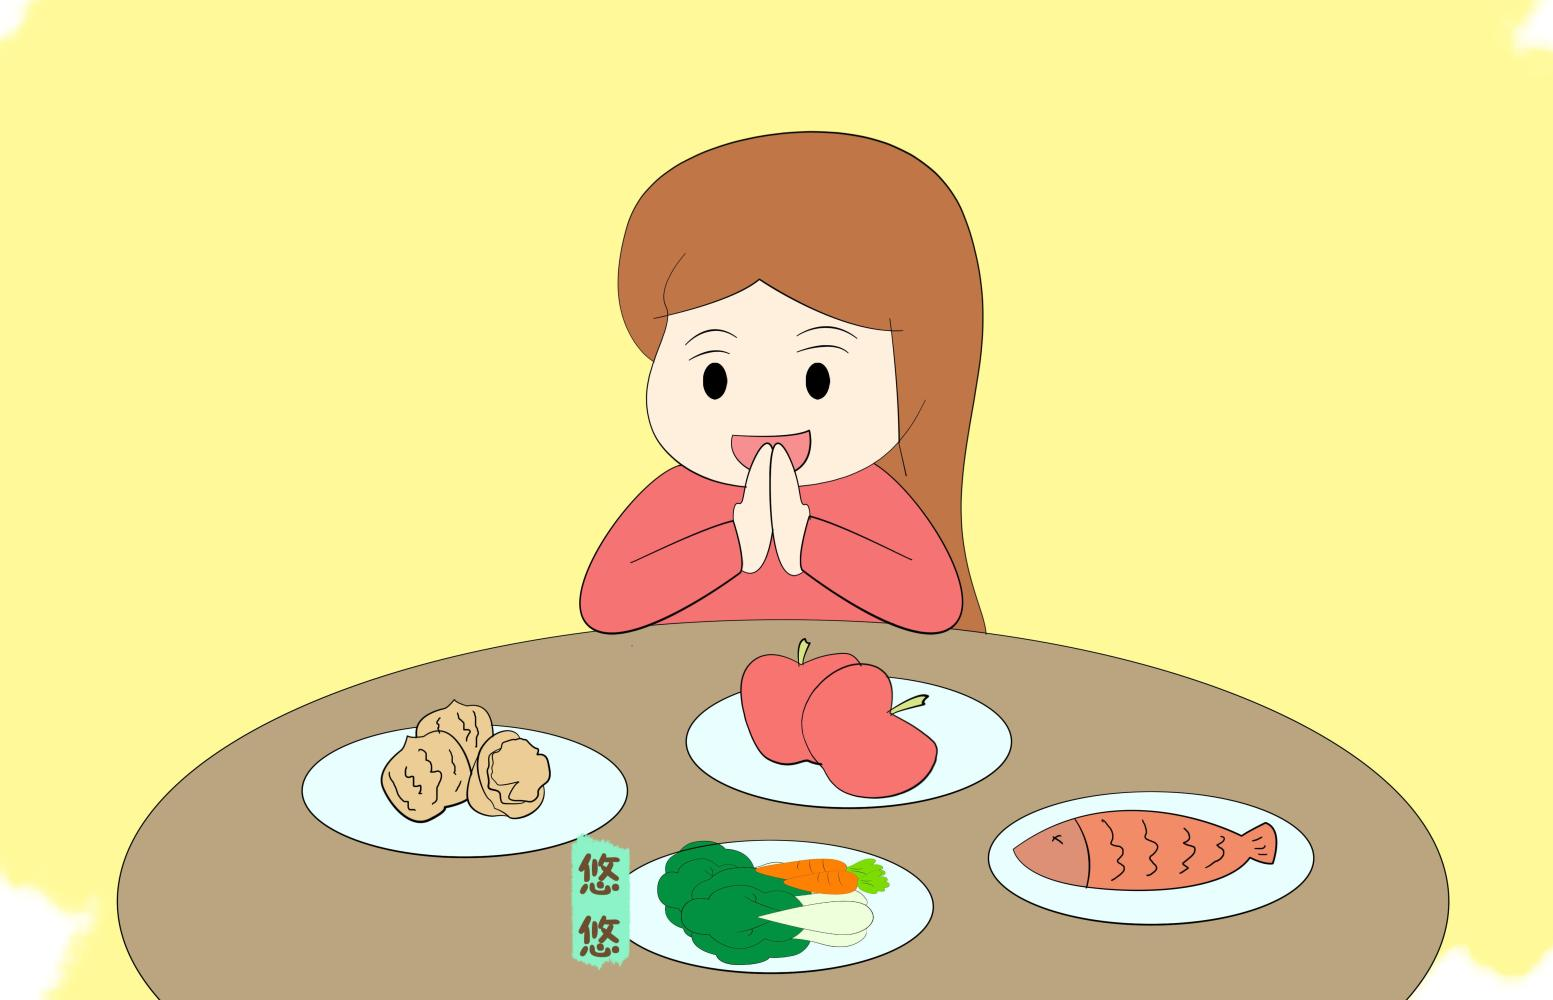 怀孕后, 三个阶段内这样吃, 营养够长胎不长肉